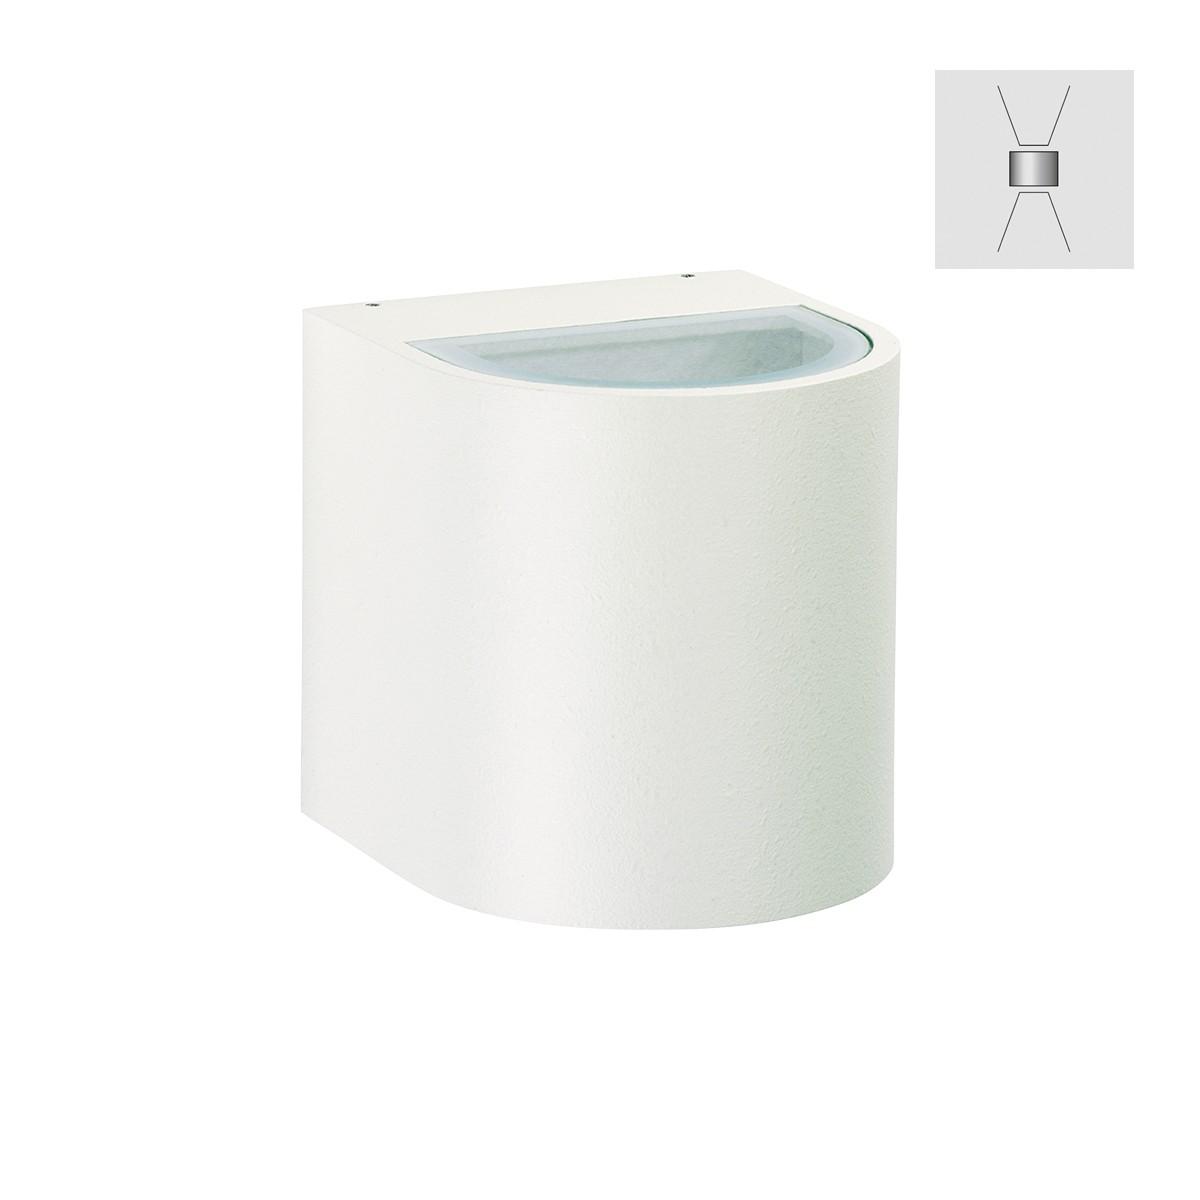 Albert 2402 Wandstrahler, breit/breit, weiß